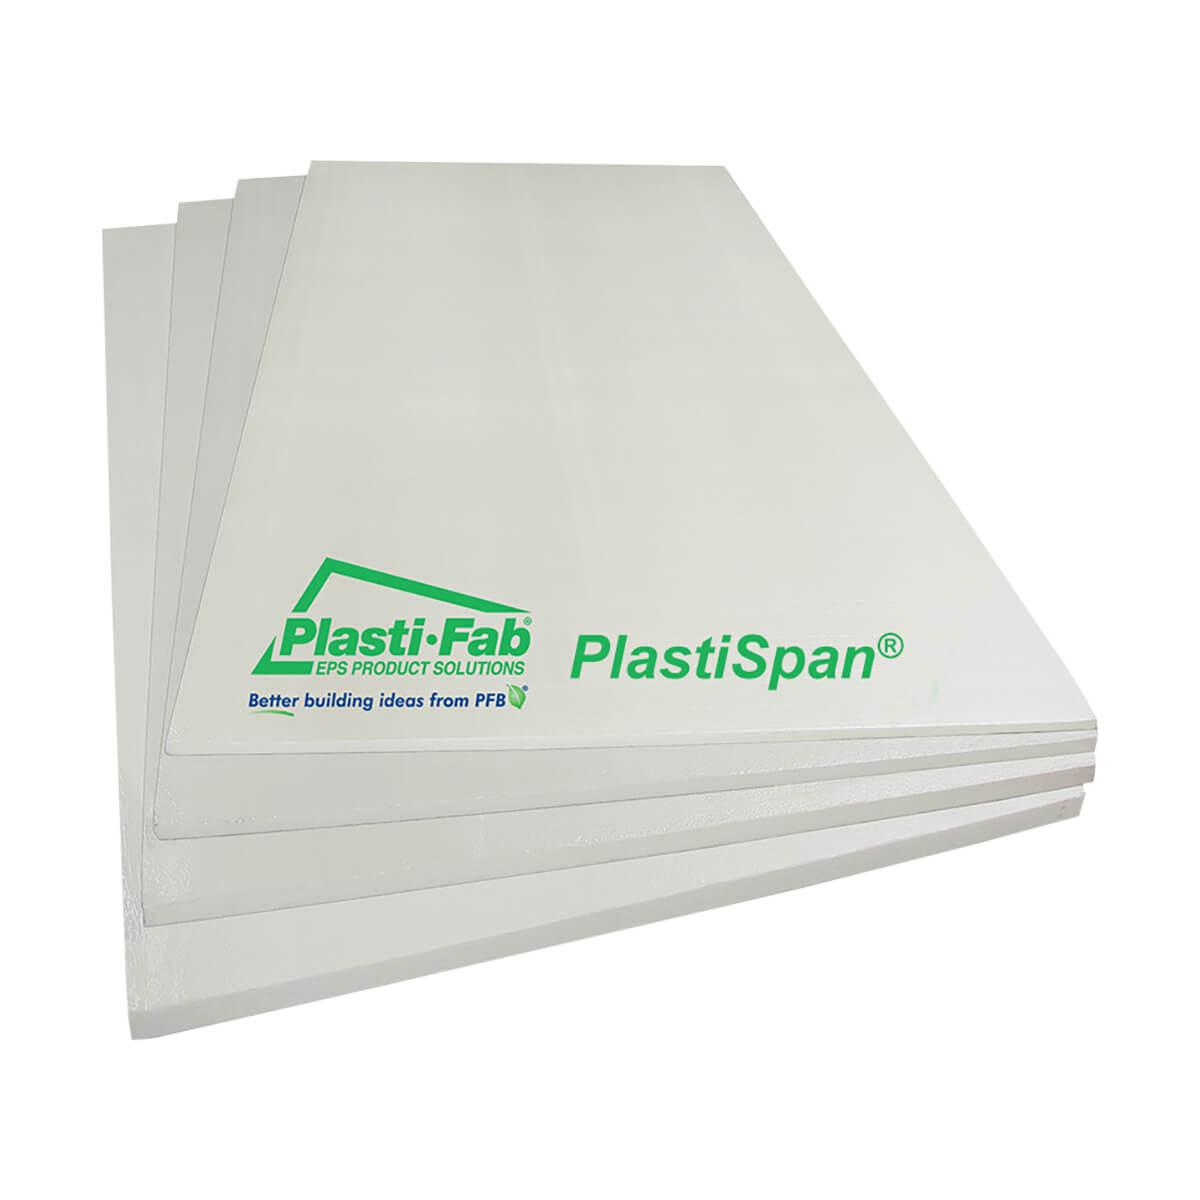 PlastiSpan Insulation - 7.25-in x 6-in x 8-ft